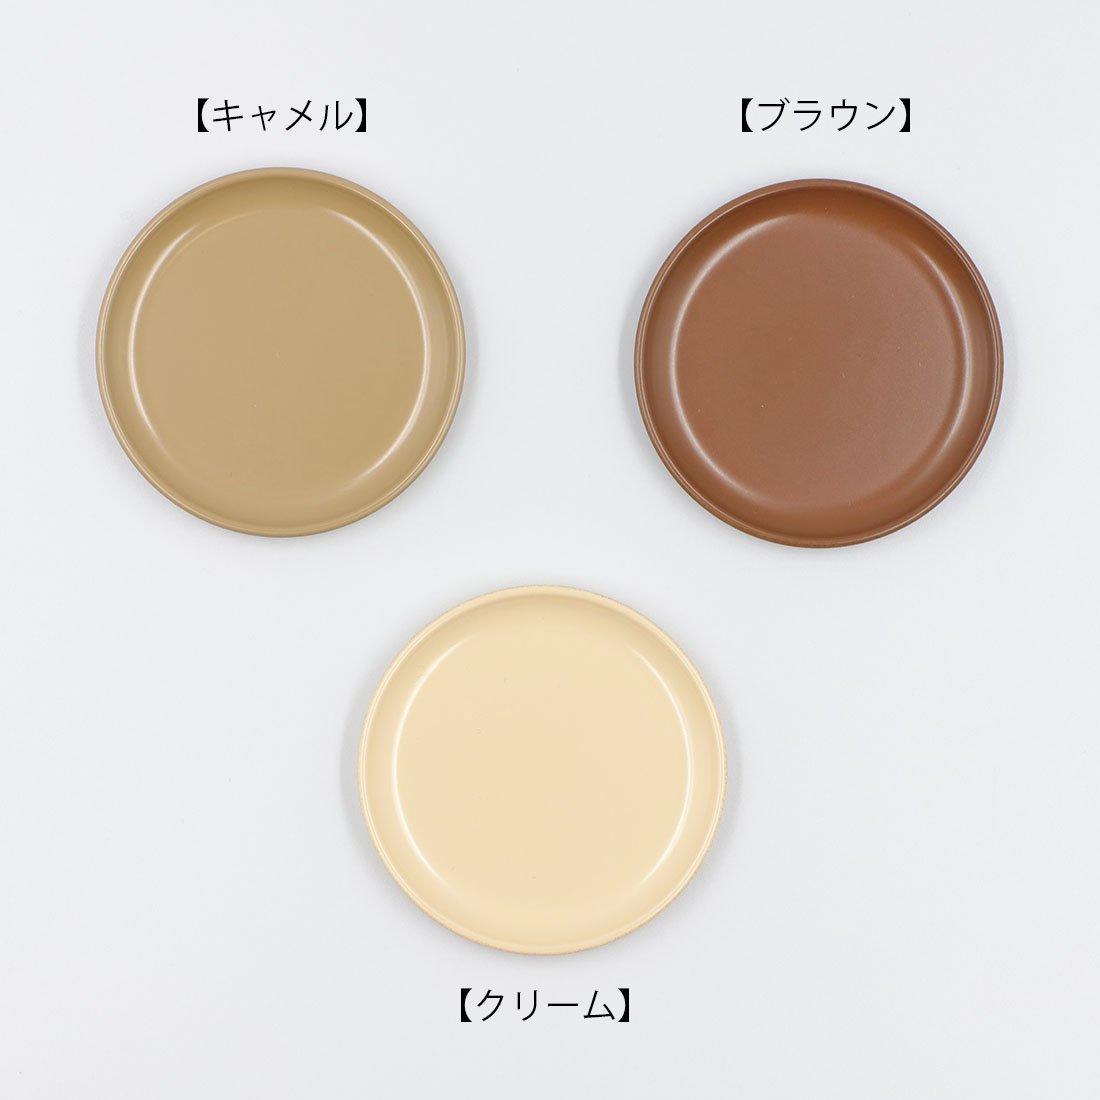 ことり 具足敷き【中】ナチュラル(全3色)